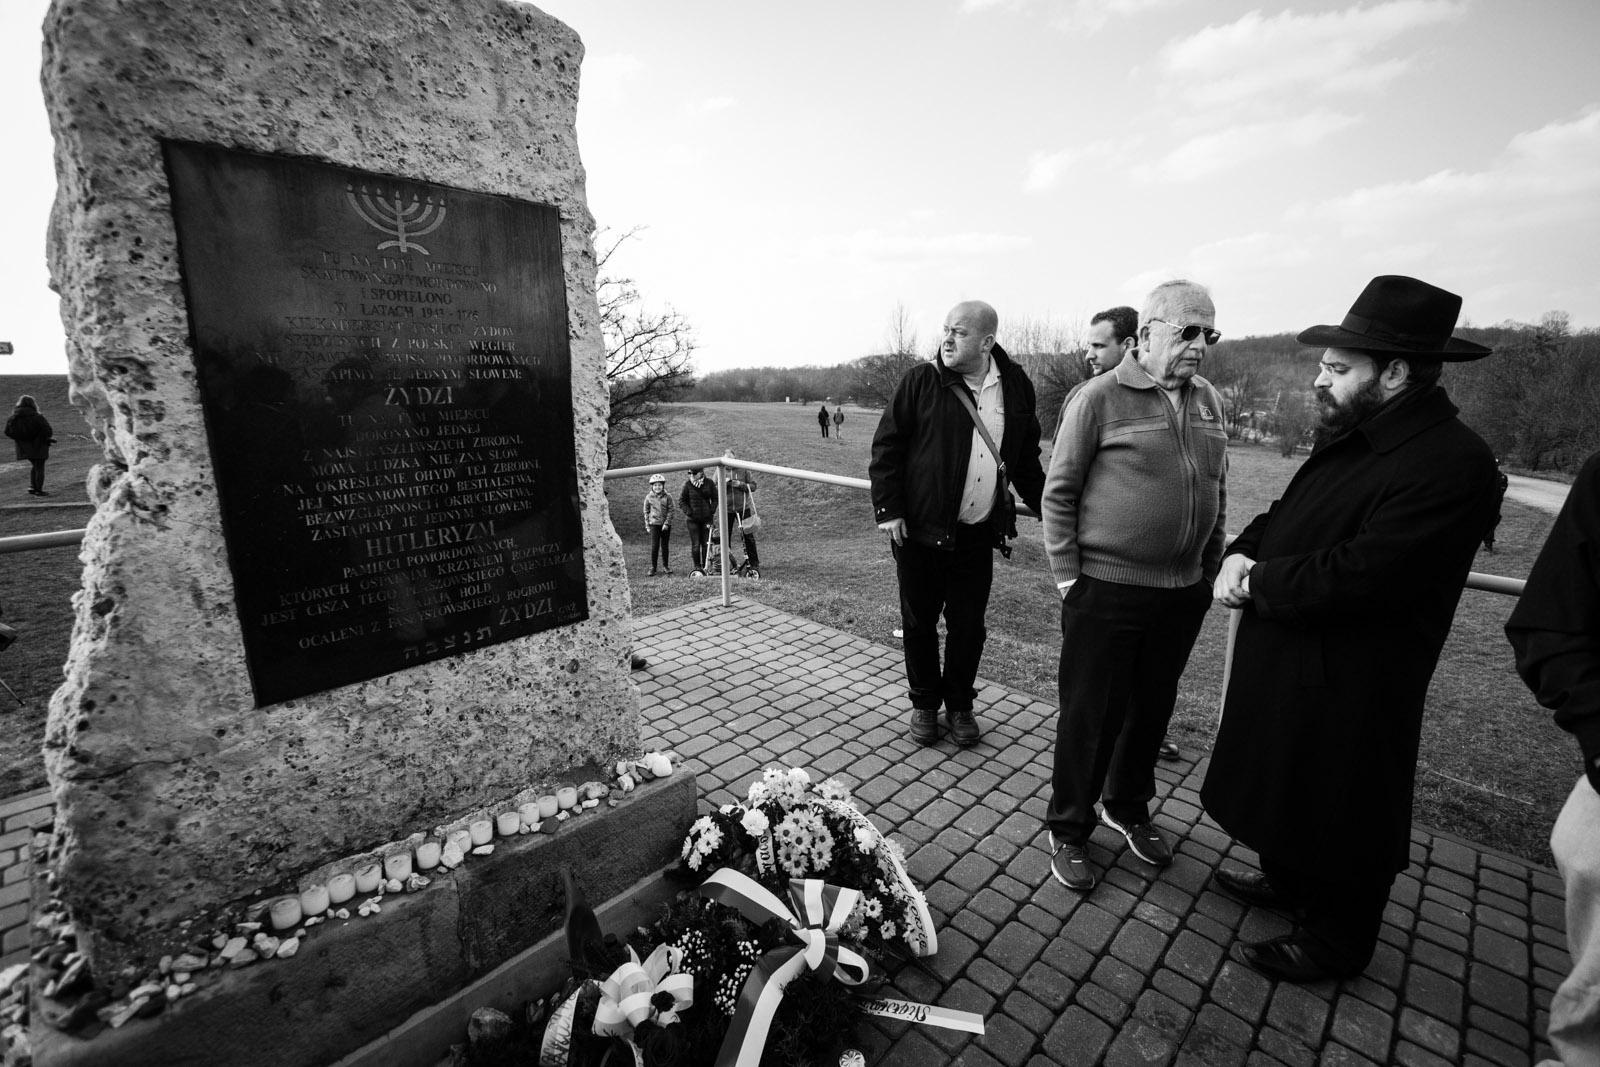 Pomnik Płaszów